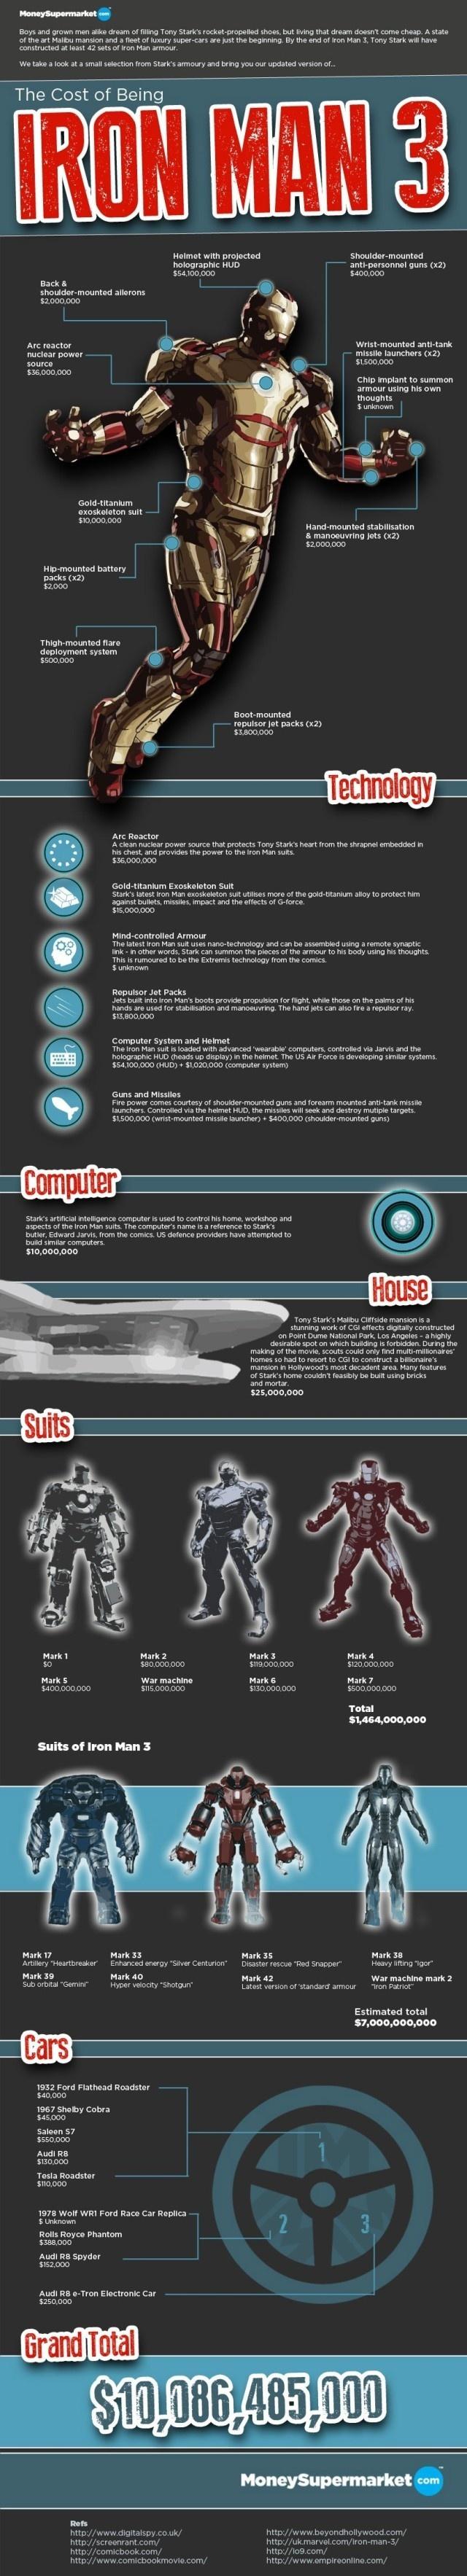 El costo de ser Iron Man 3